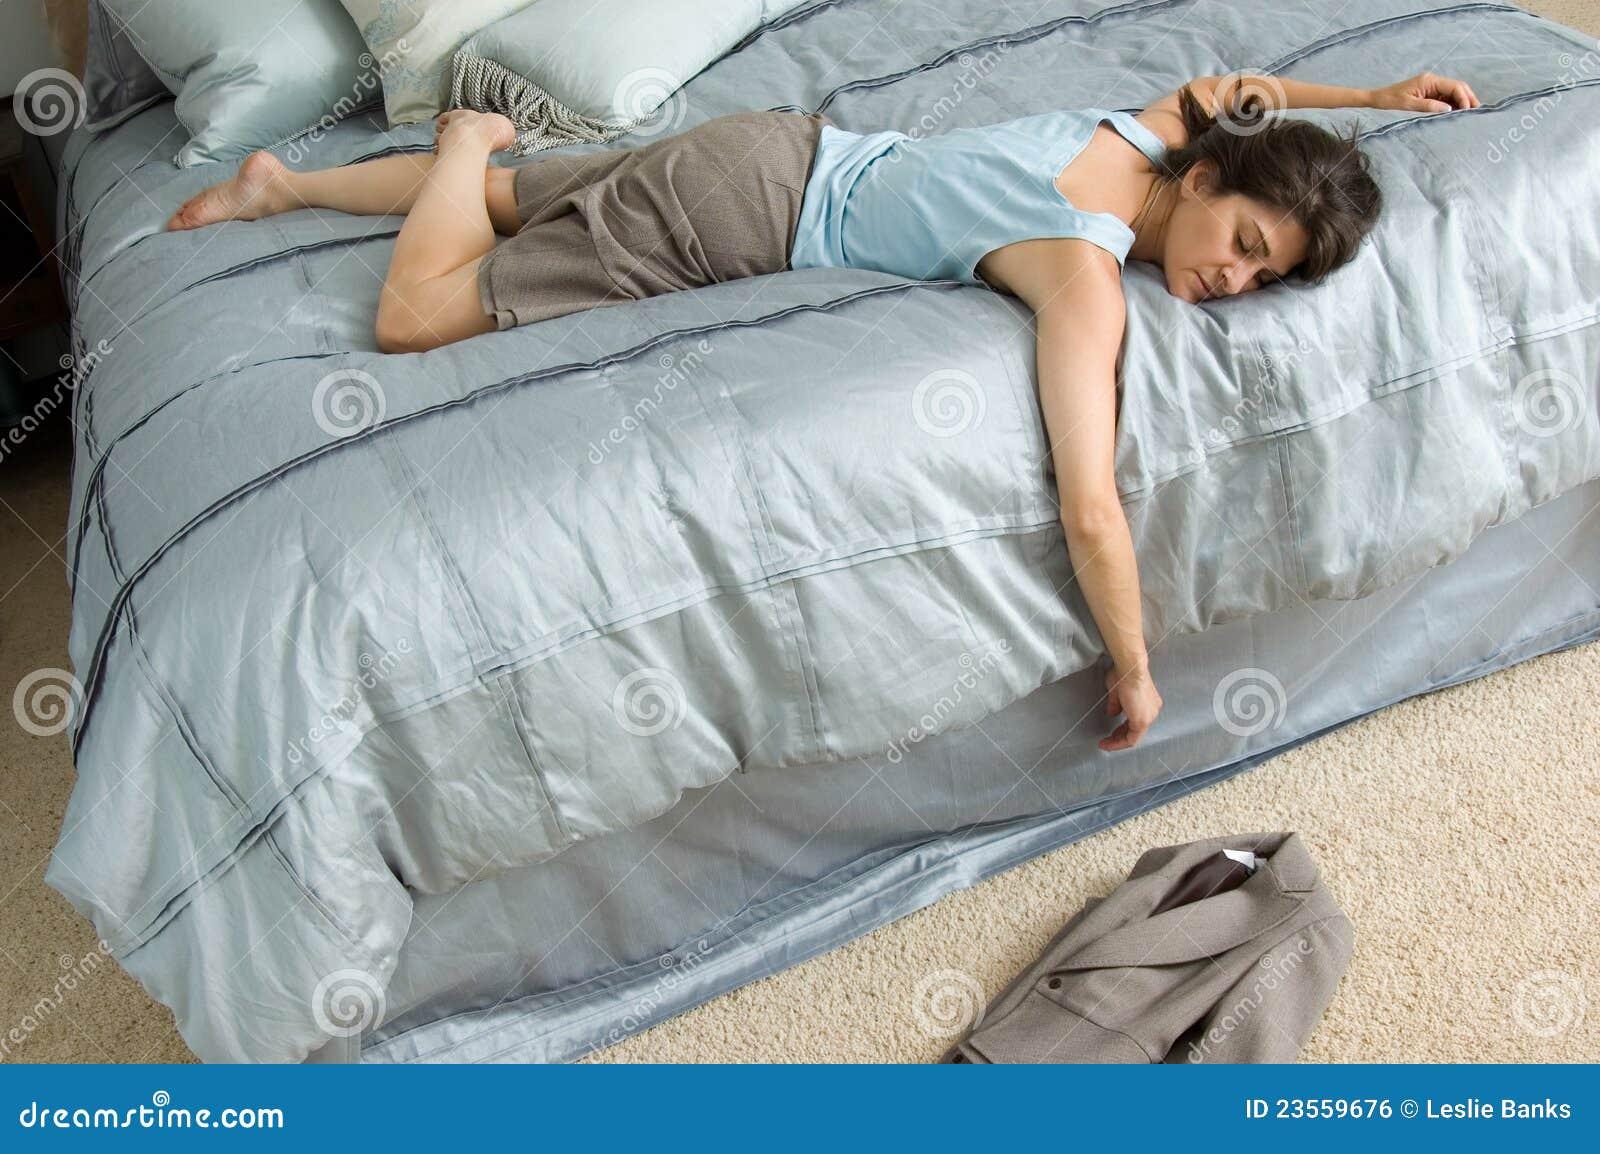 Развалилась на постели 5 фотография